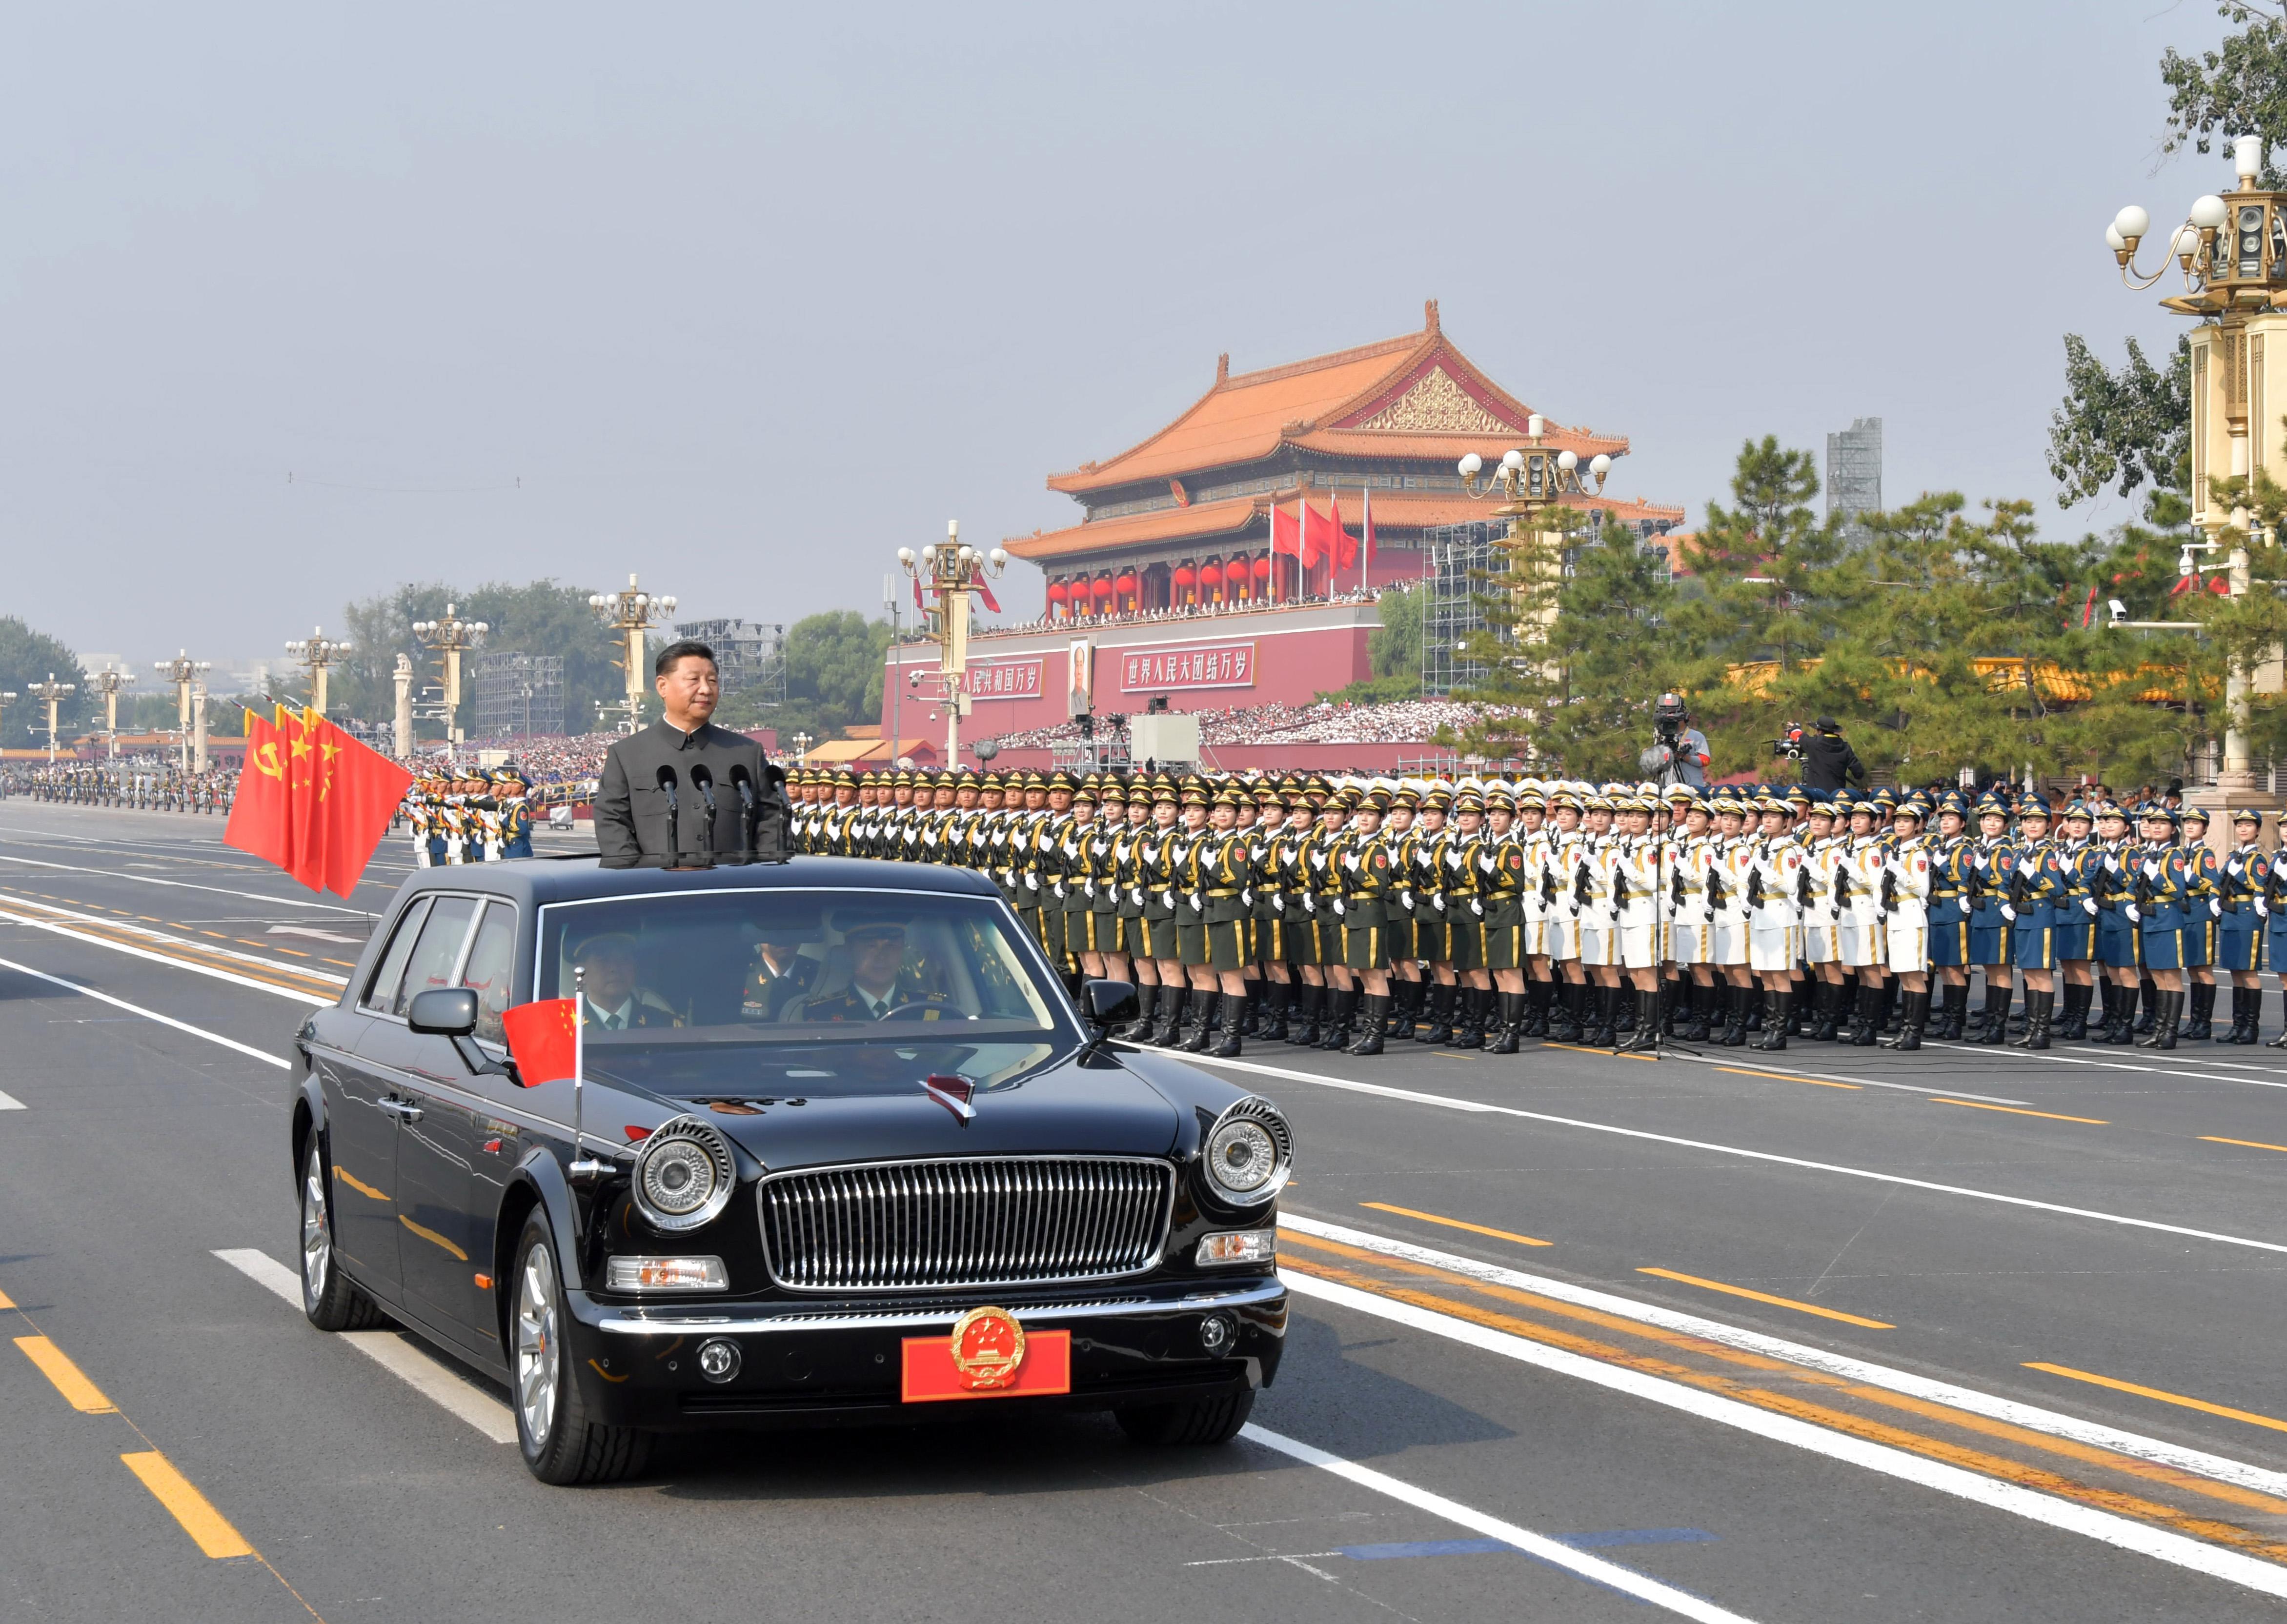 2019年10月1日,庆祝中华人民共和国成立70周年大会在北京天安门广场隆重举行。这是中共中央总书记、国家主席、中央军委主席习近平检阅受阅部队。